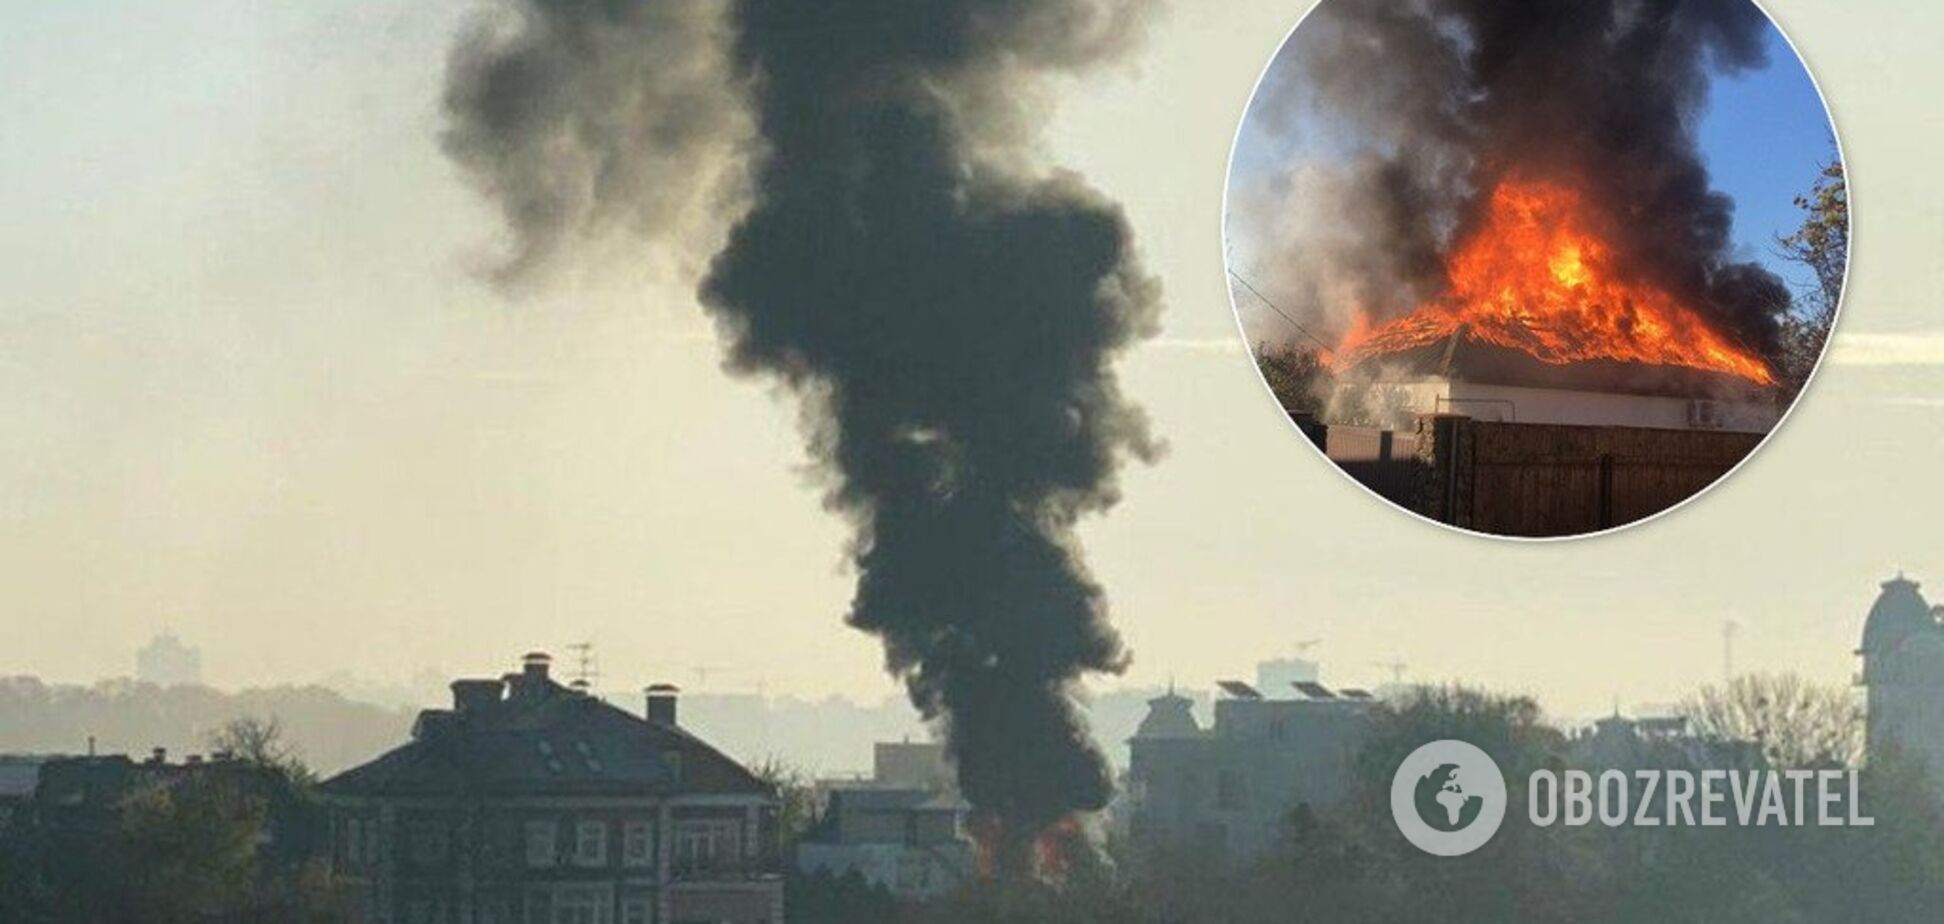 Дым виден со всего города: в Киеве возник масштабный пожар